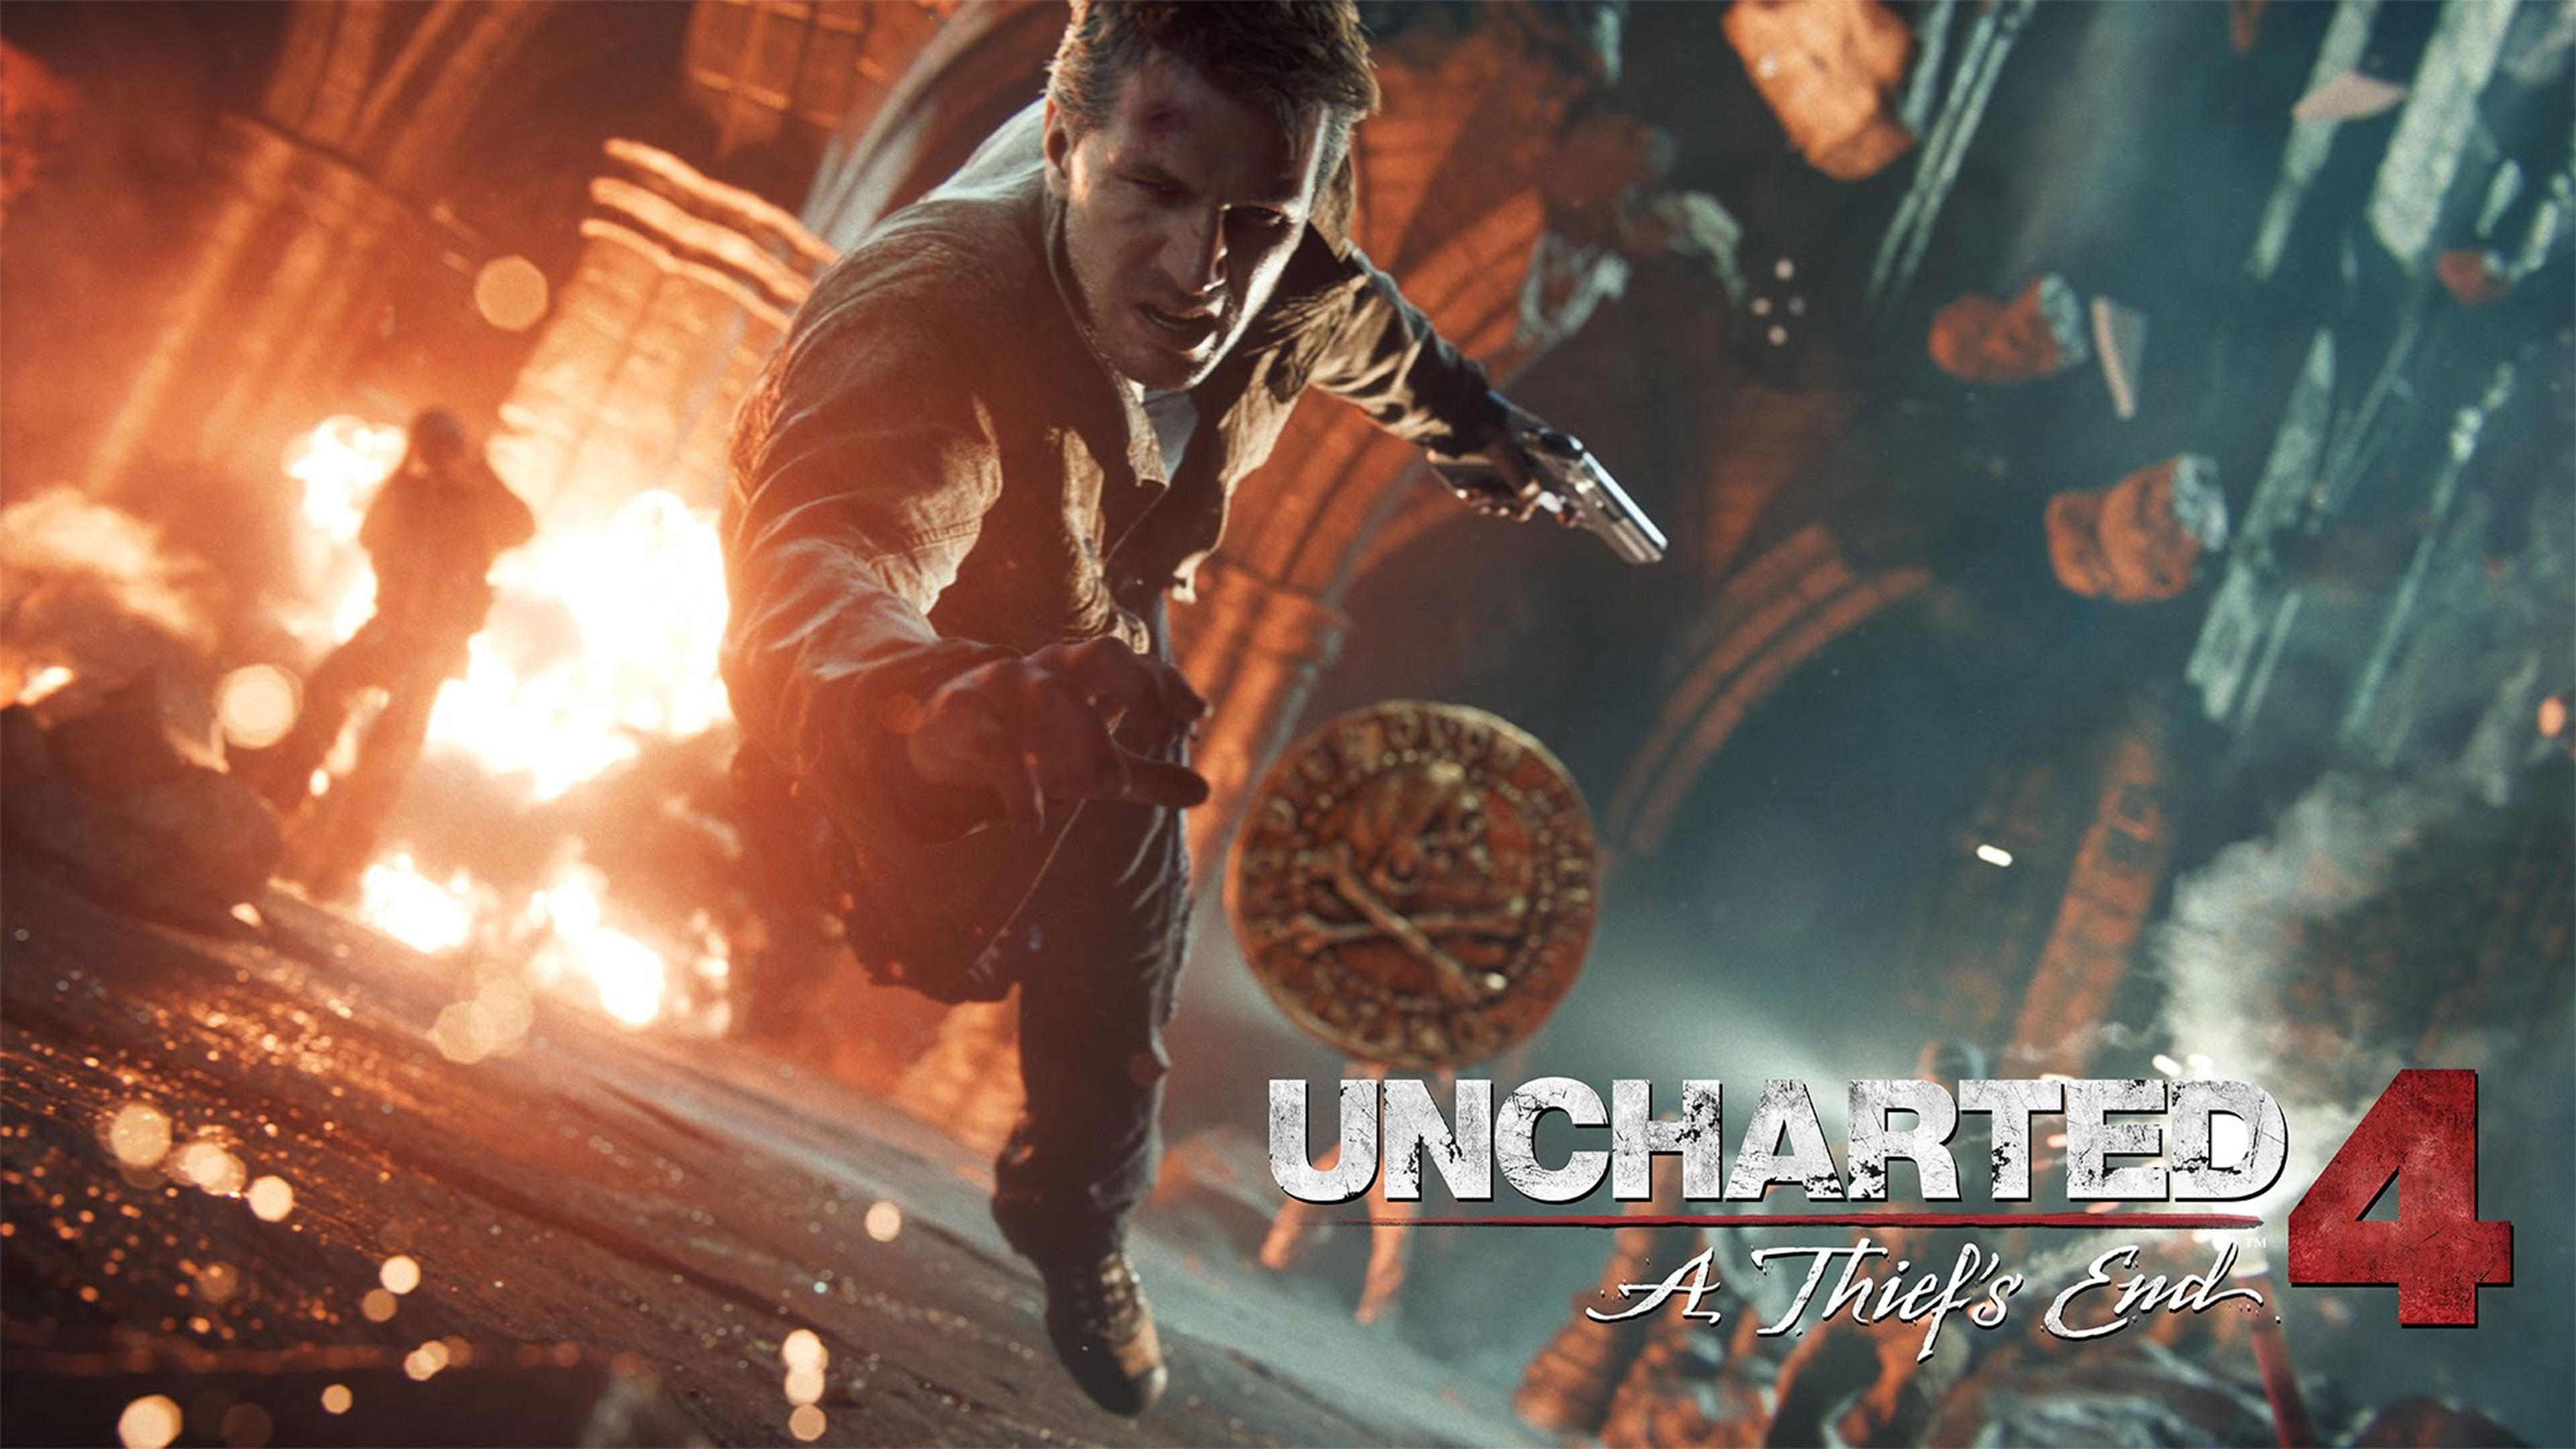 uncharted-4-a-thiefs-end-4k-wallpaper-1.jpg